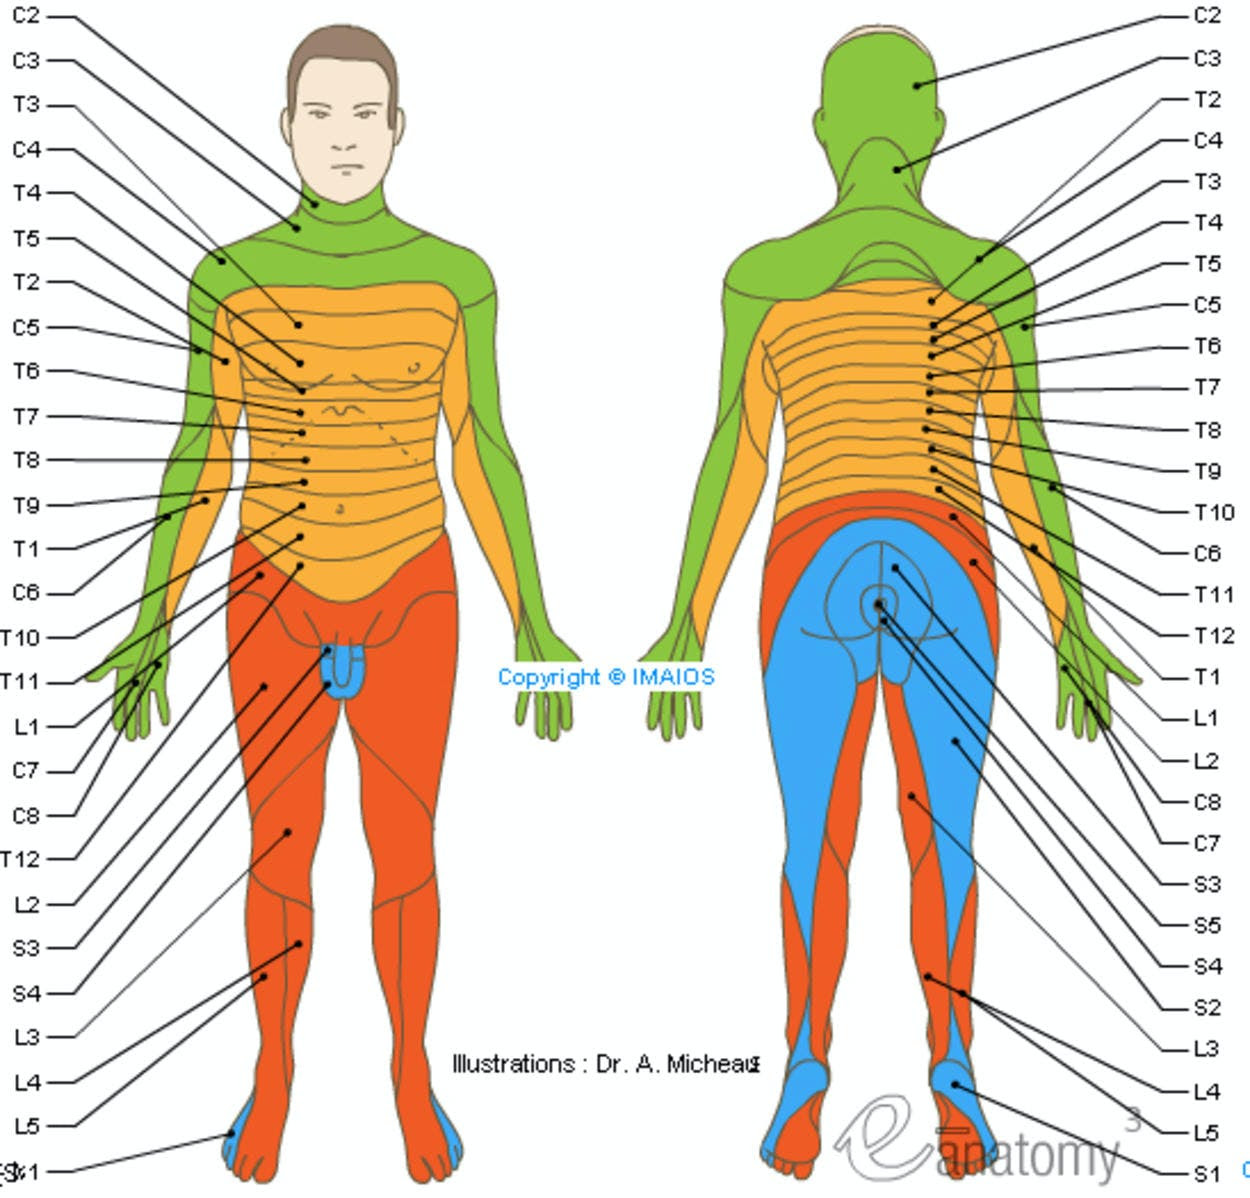 spinal nerve dermatome anatomy schematic_medical512